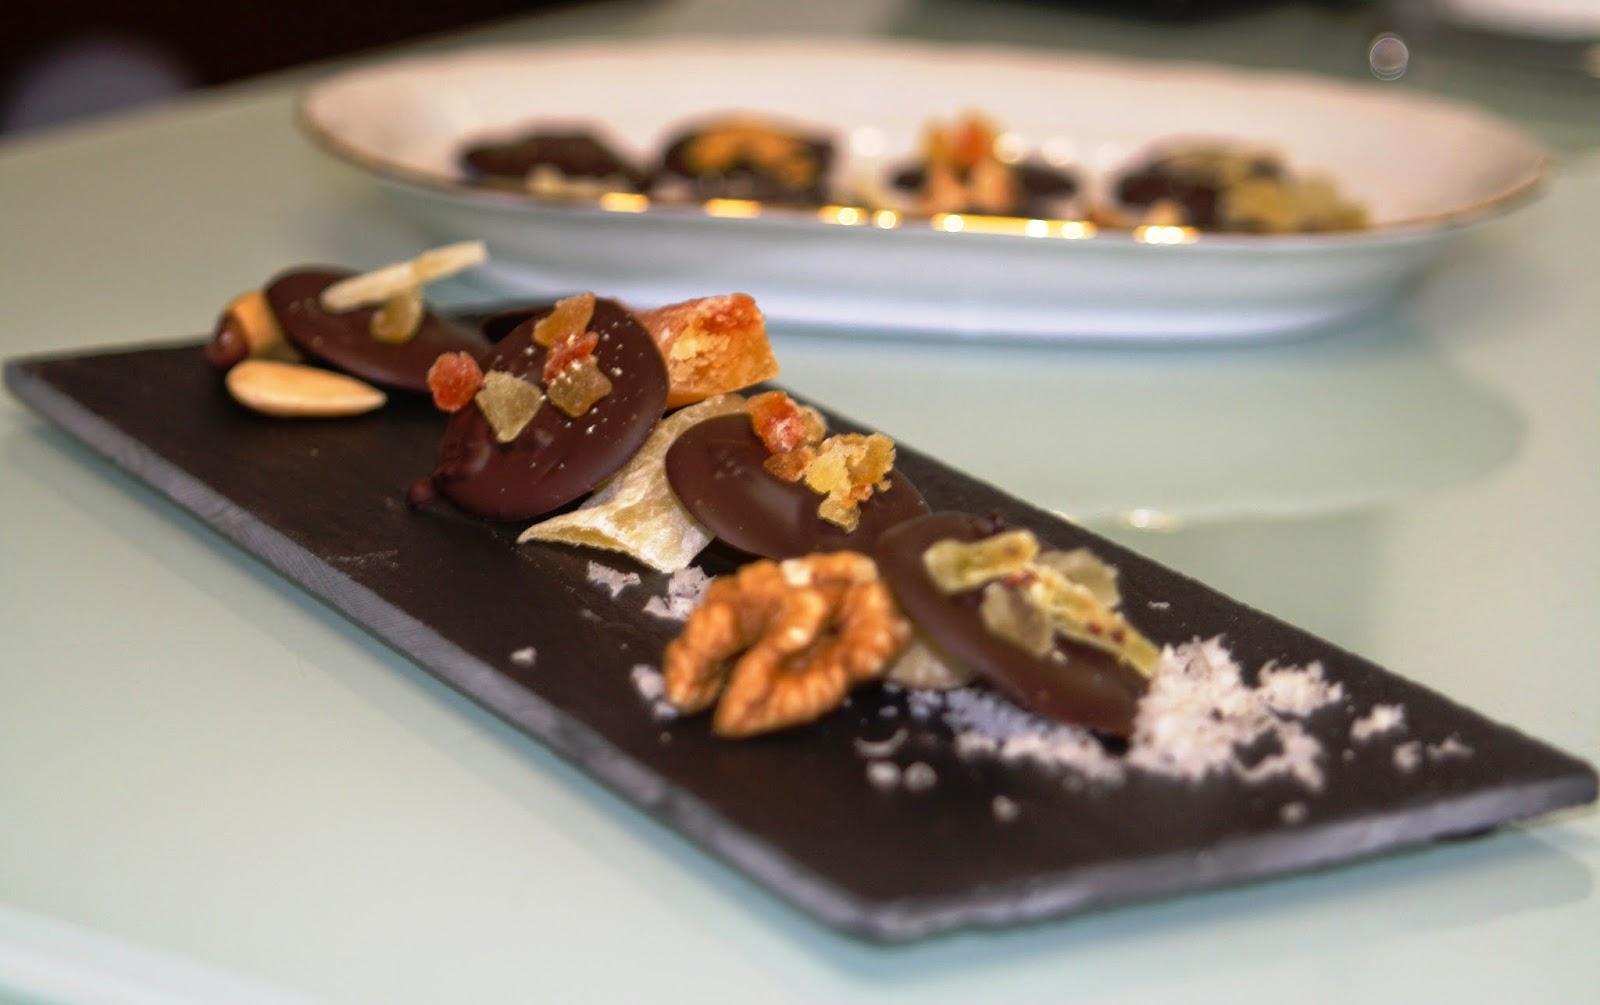 mendigos de chocolate petit fours alocados en la cocina